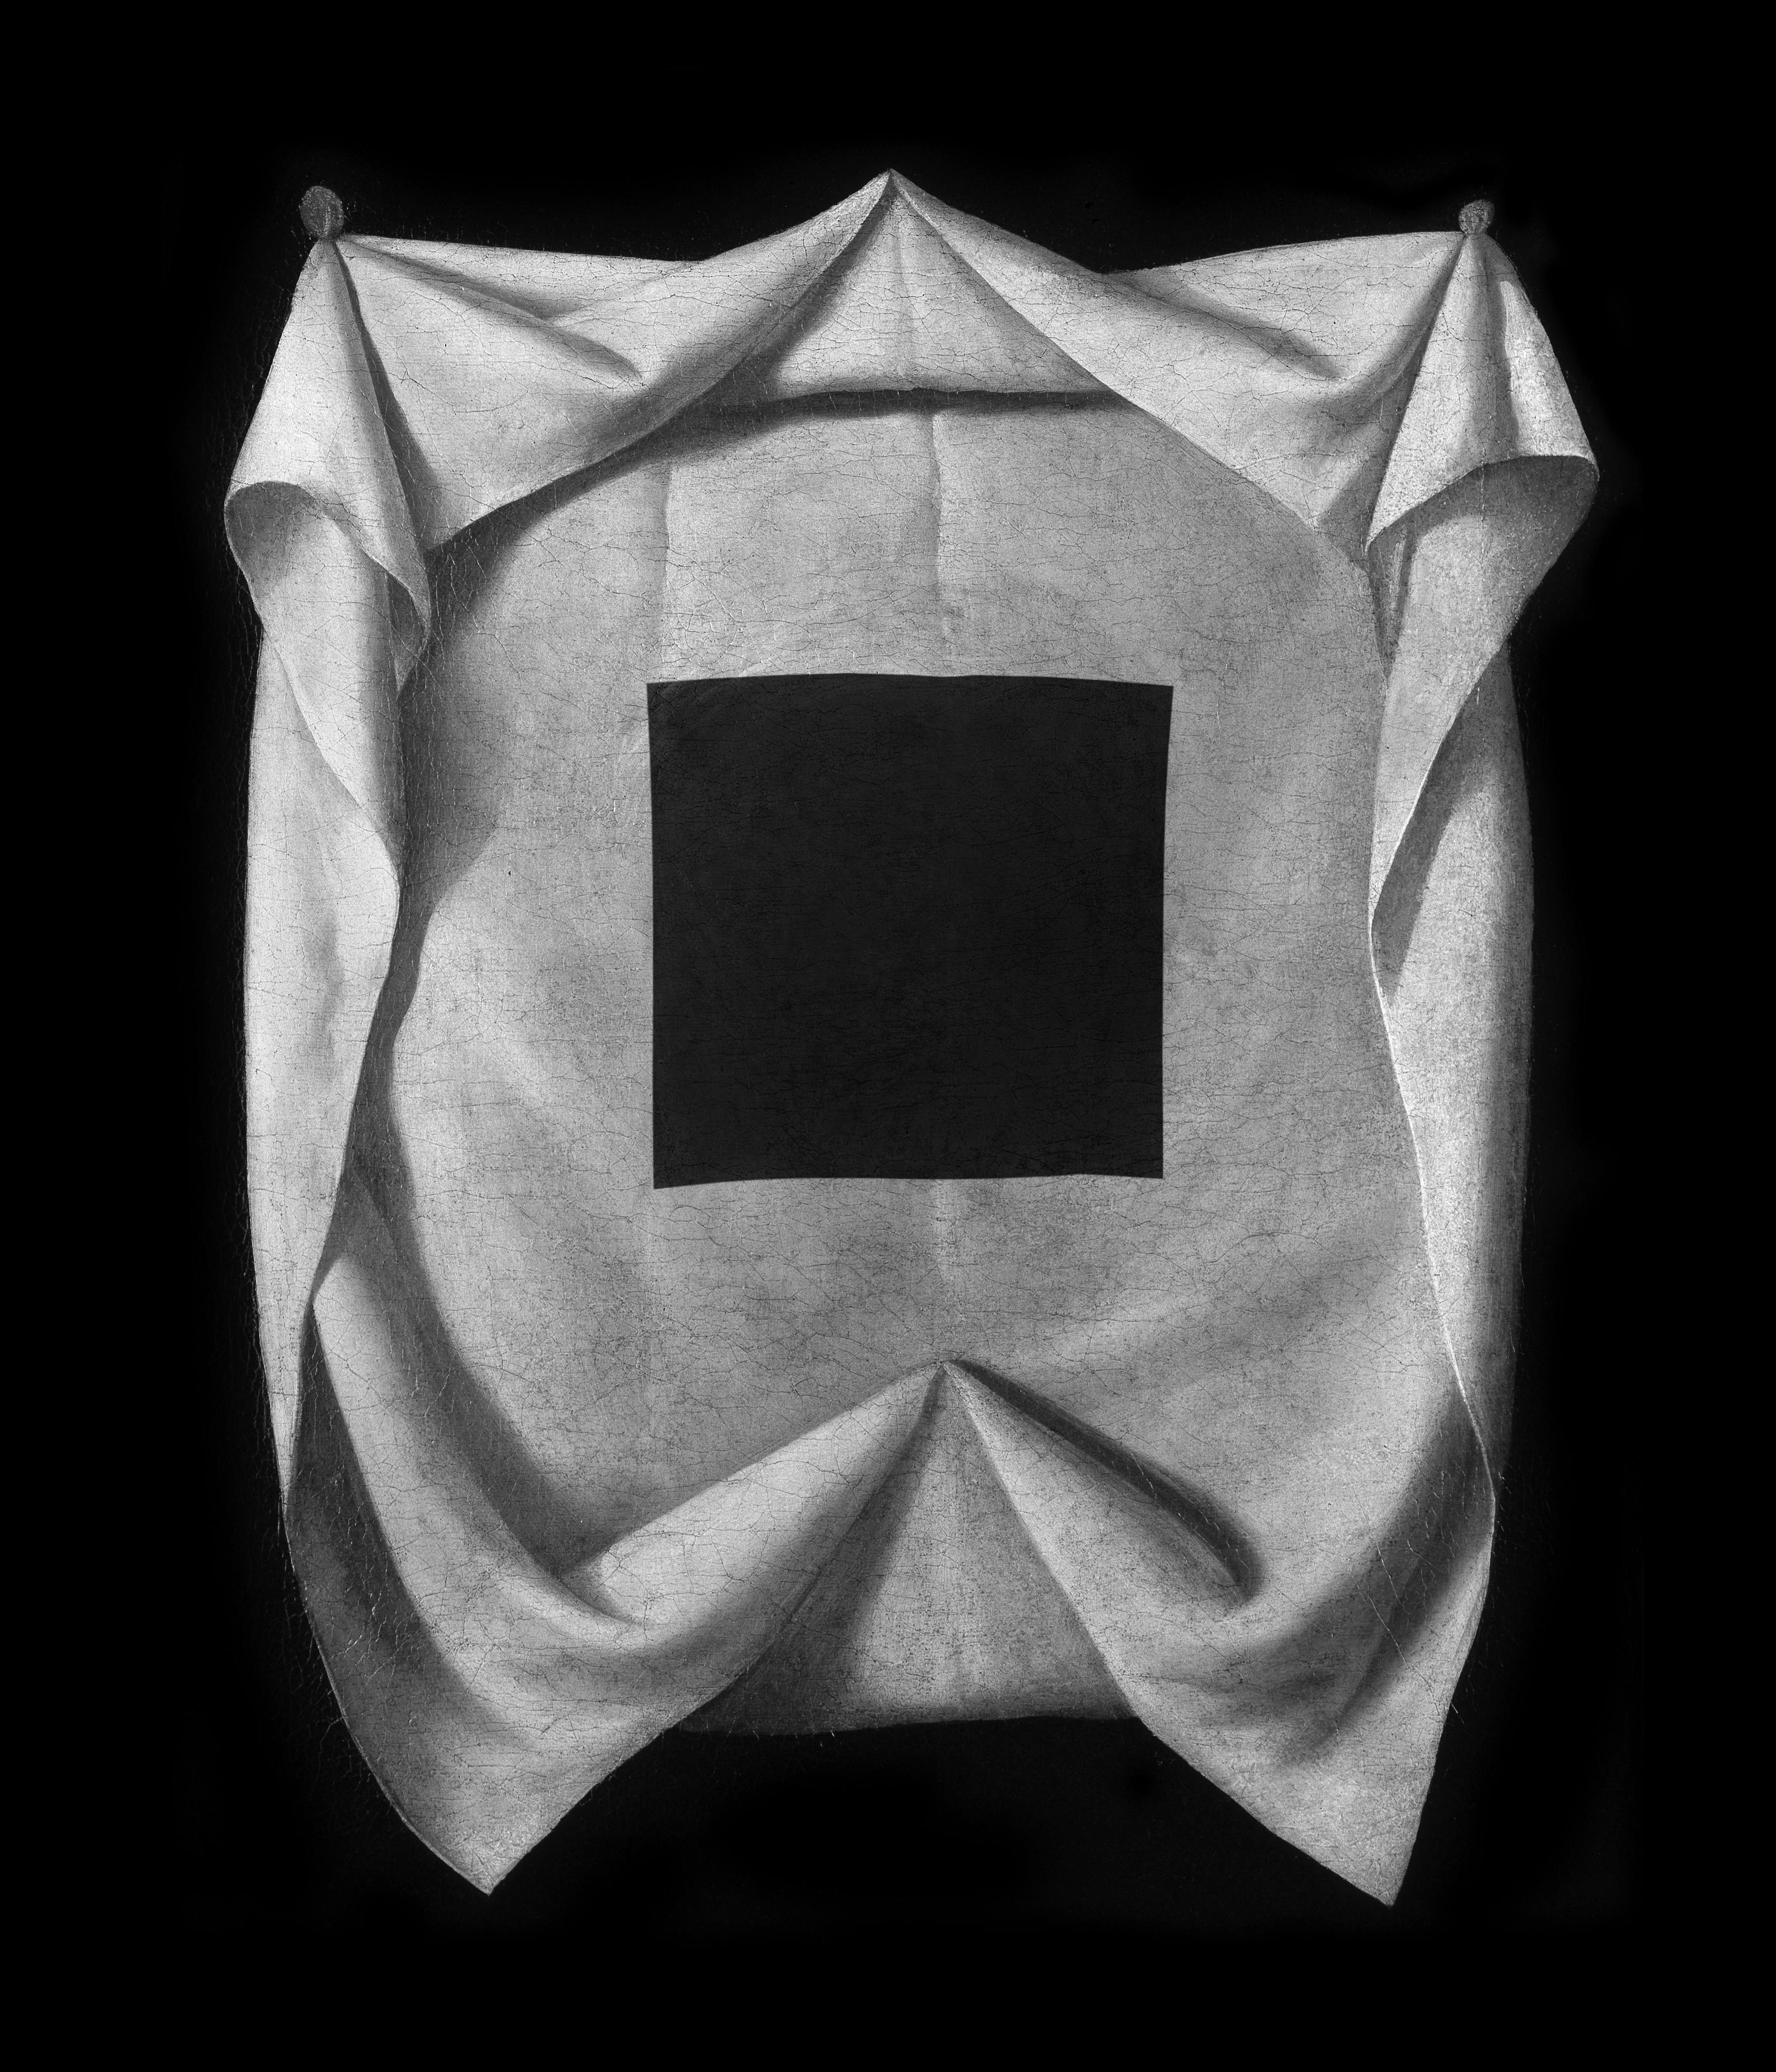 """Jakub Woynarowski, """"Veraicon (I)"""", fotomontaż / grafika cyfrowa, napodstawie obrazu Francisco de Zurbarana (ok. 1635), 2014"""